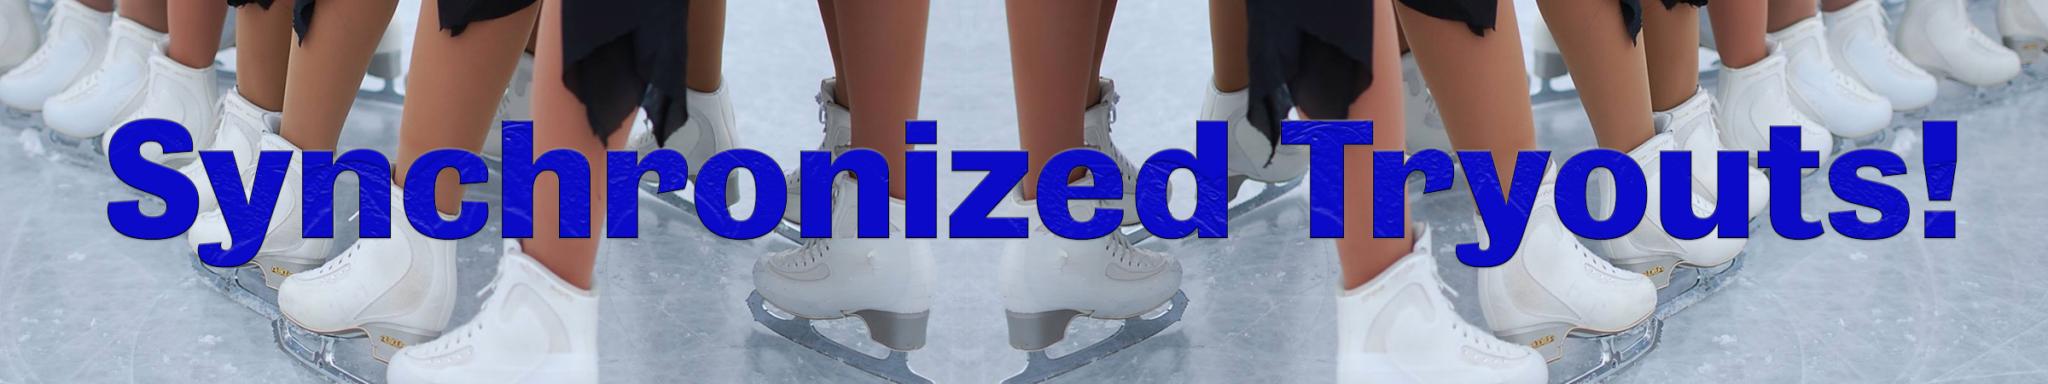 Synchronized Skating Tryouts